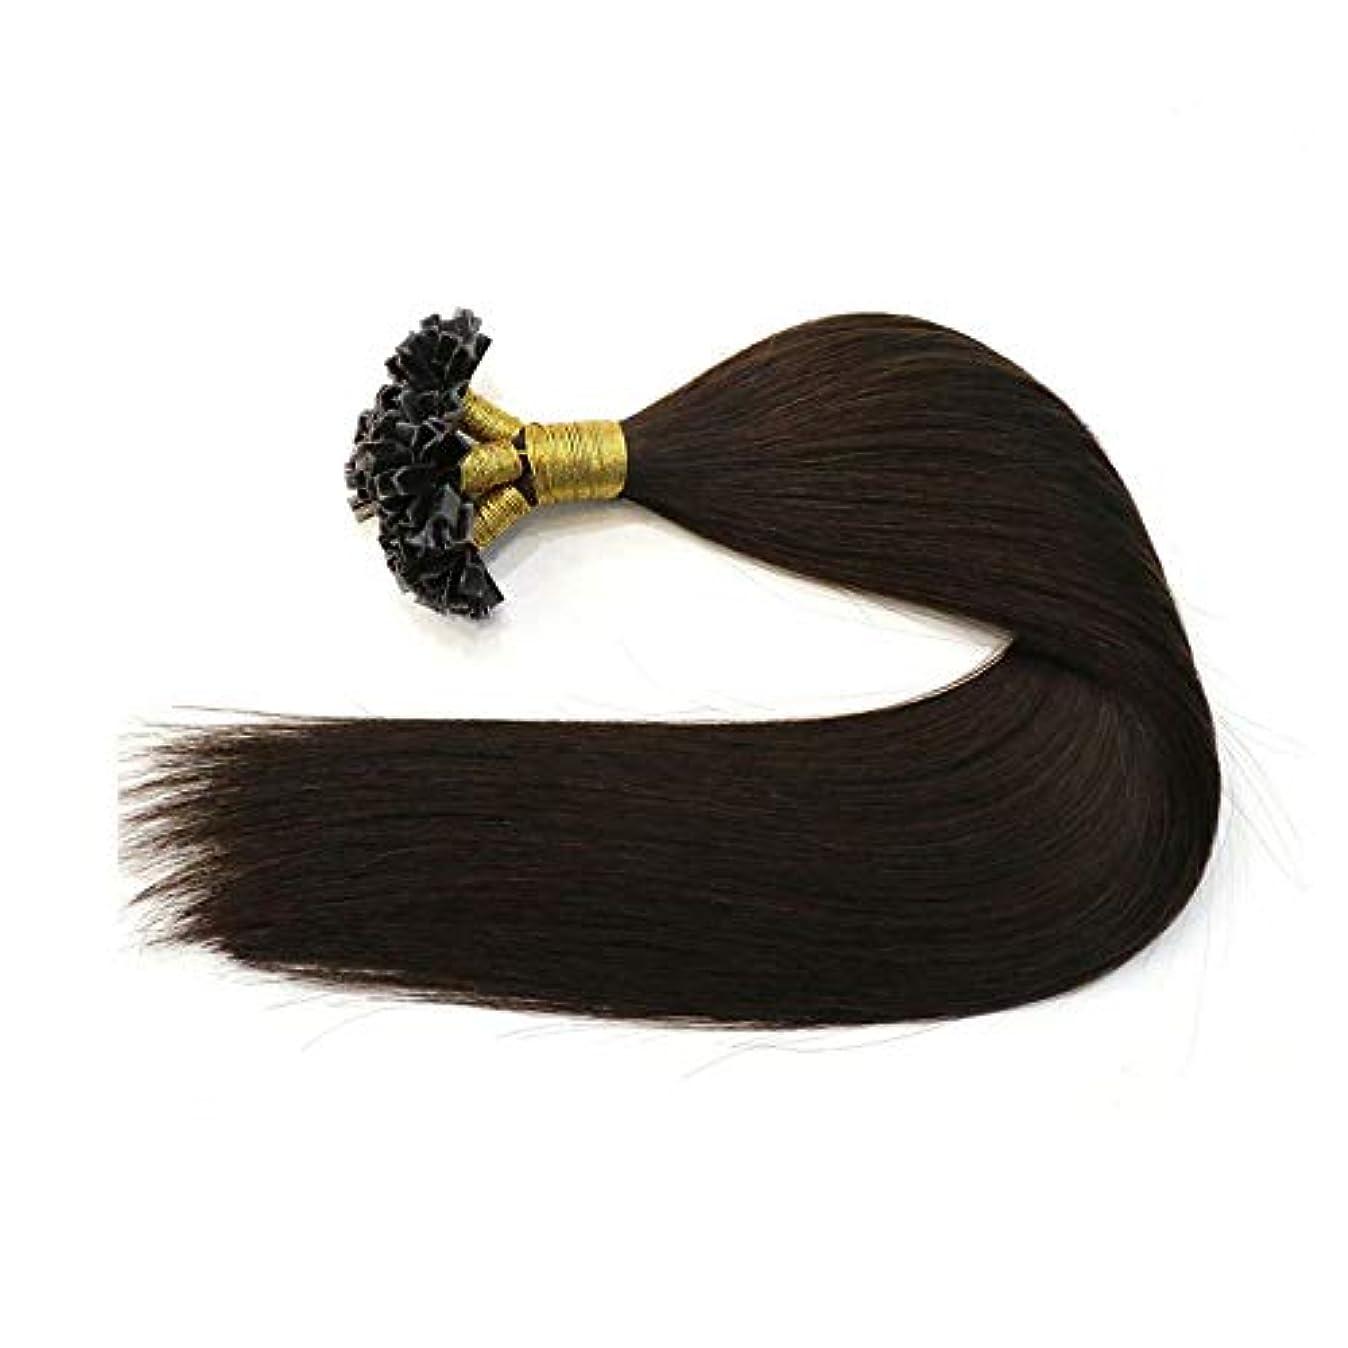 去る虫崩壊WASAIO ナチュラルヘアエクステンションクリップ裏地なし髪型ブラックFusionの人間の髪の拡張機能レミーブラジルの髪の連続 (色 : 黒, サイズ : 14 inch)